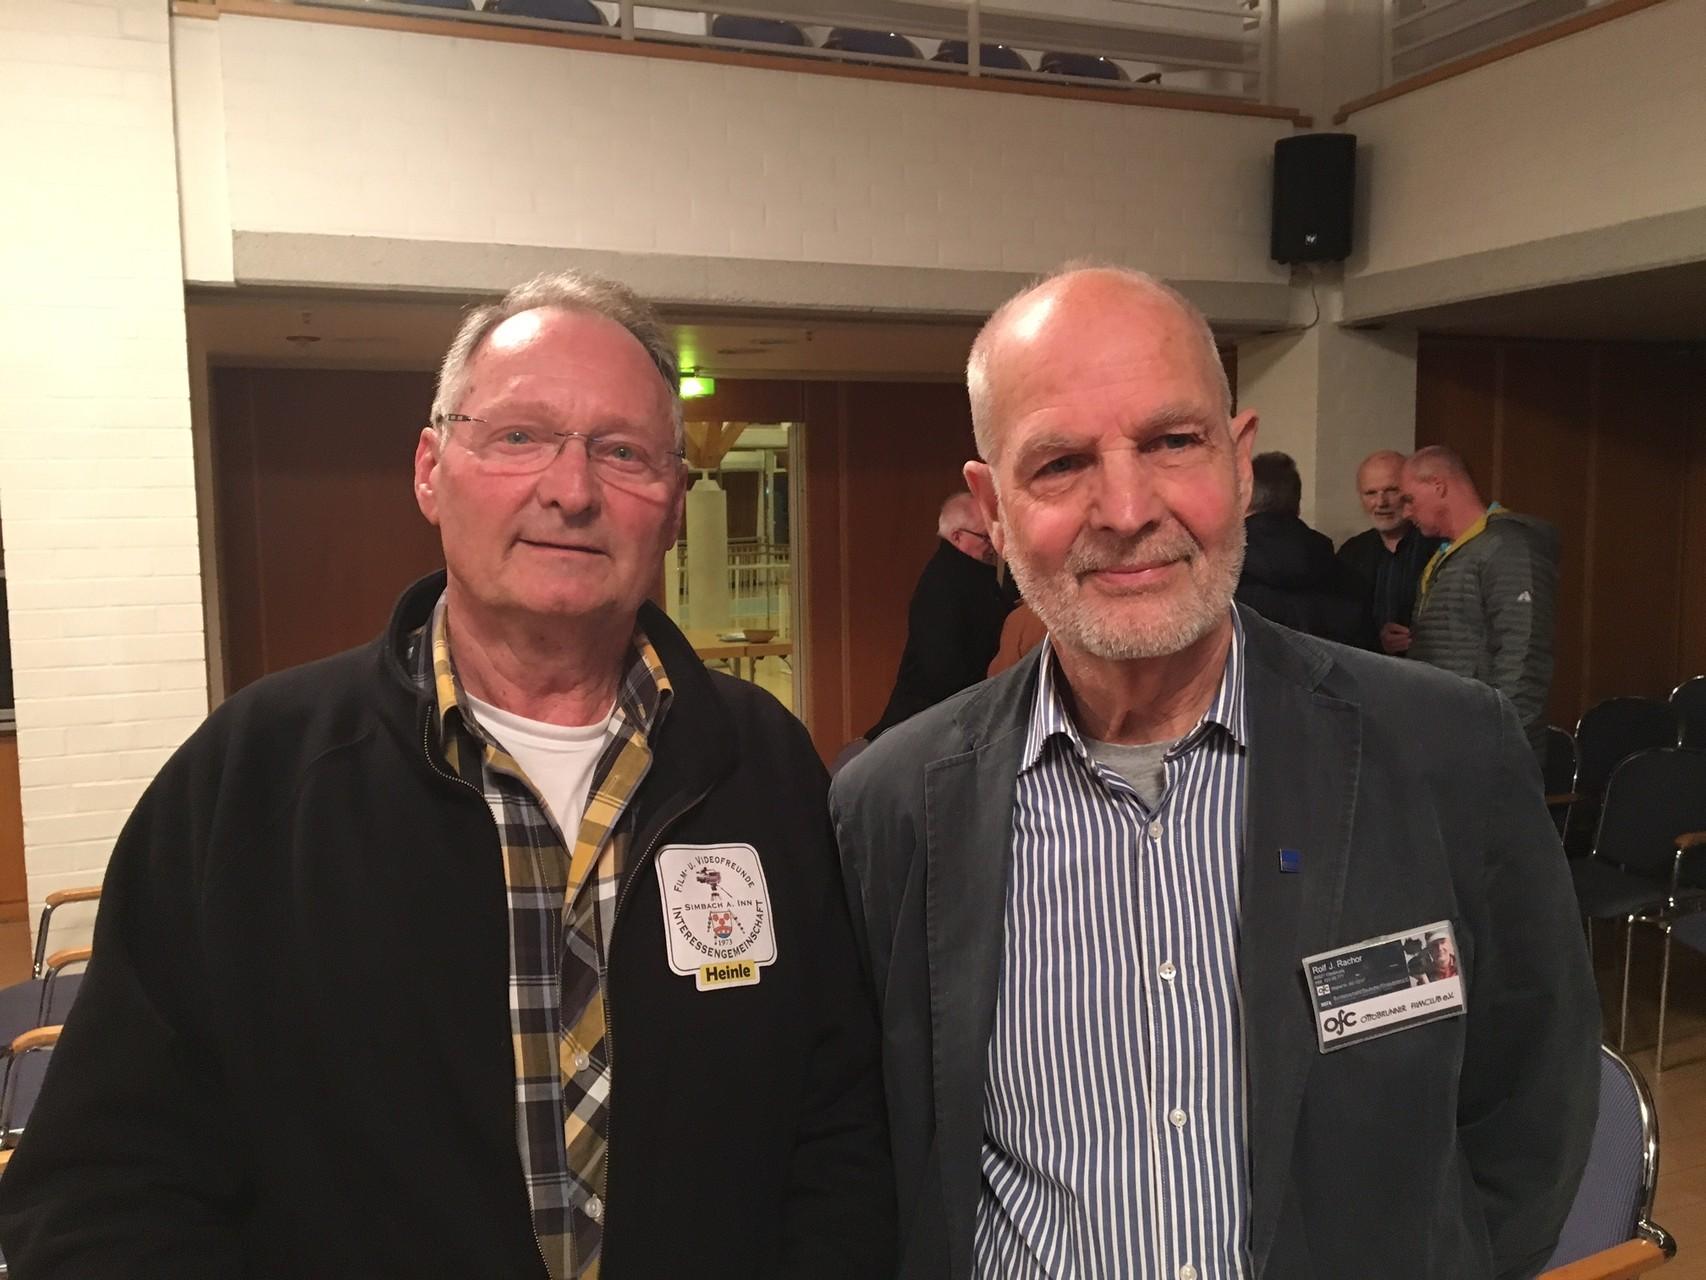 Heinz Heinle, Filmclubleiter in Simbach, war früher Mitglied des OFC